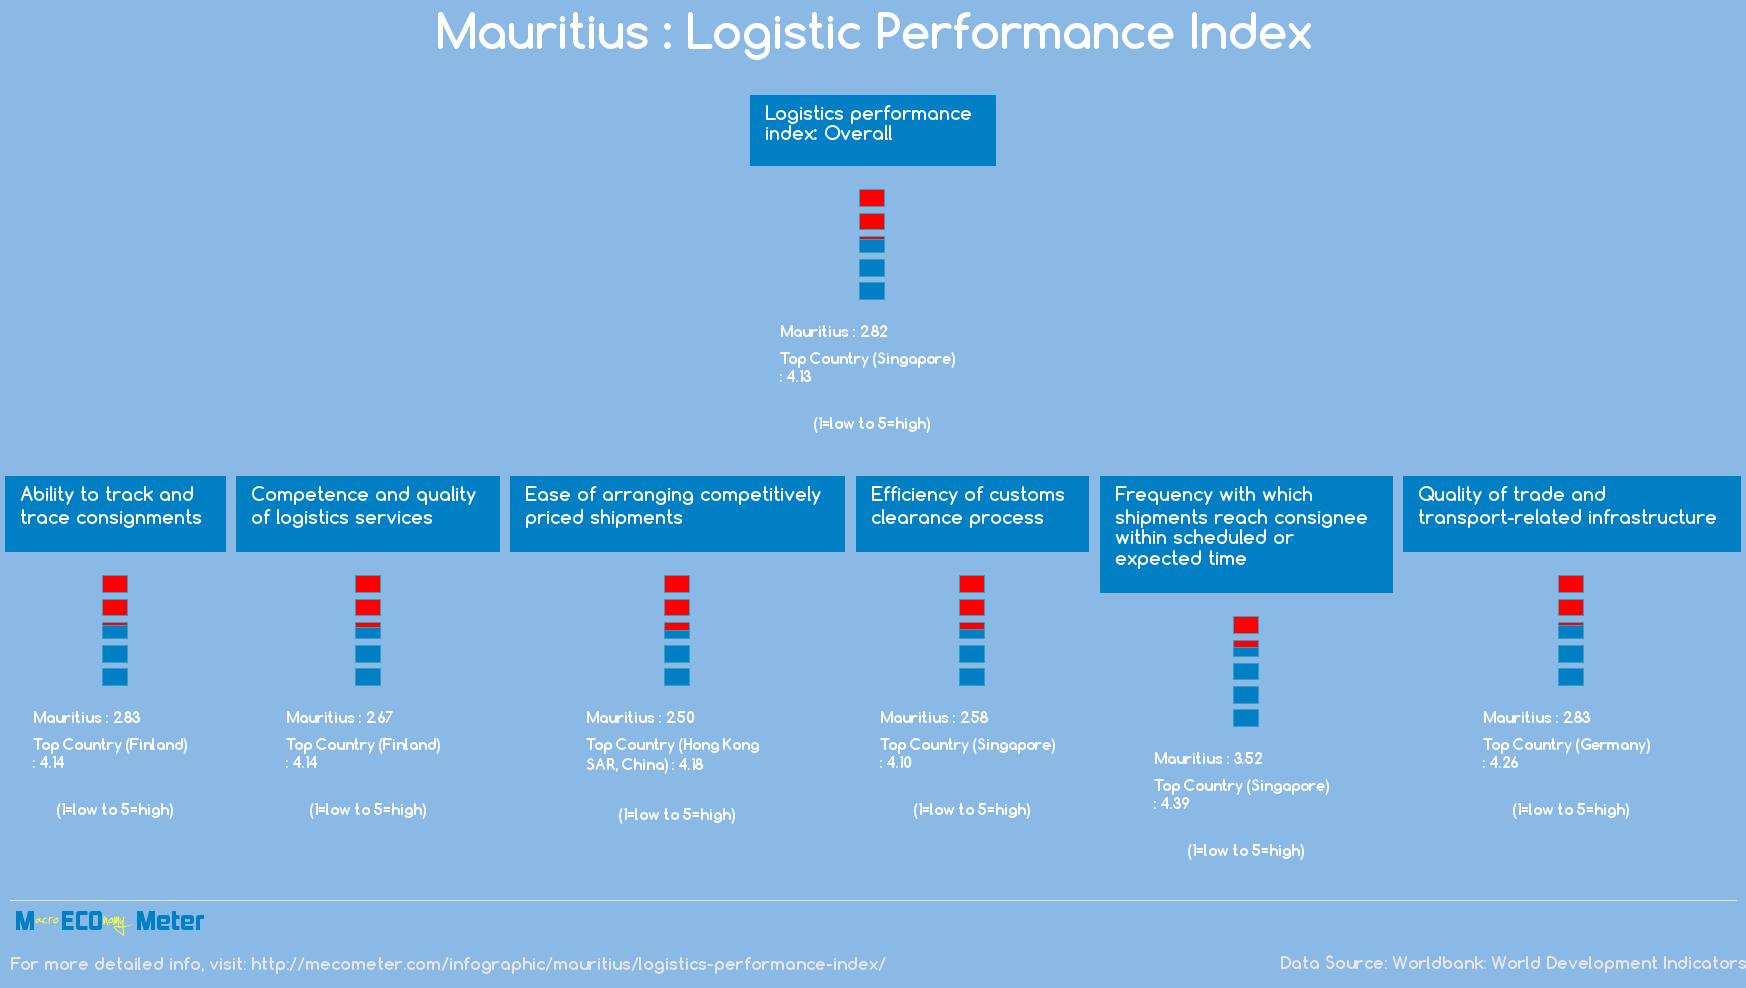 Mauritius : Logistic Performance Index